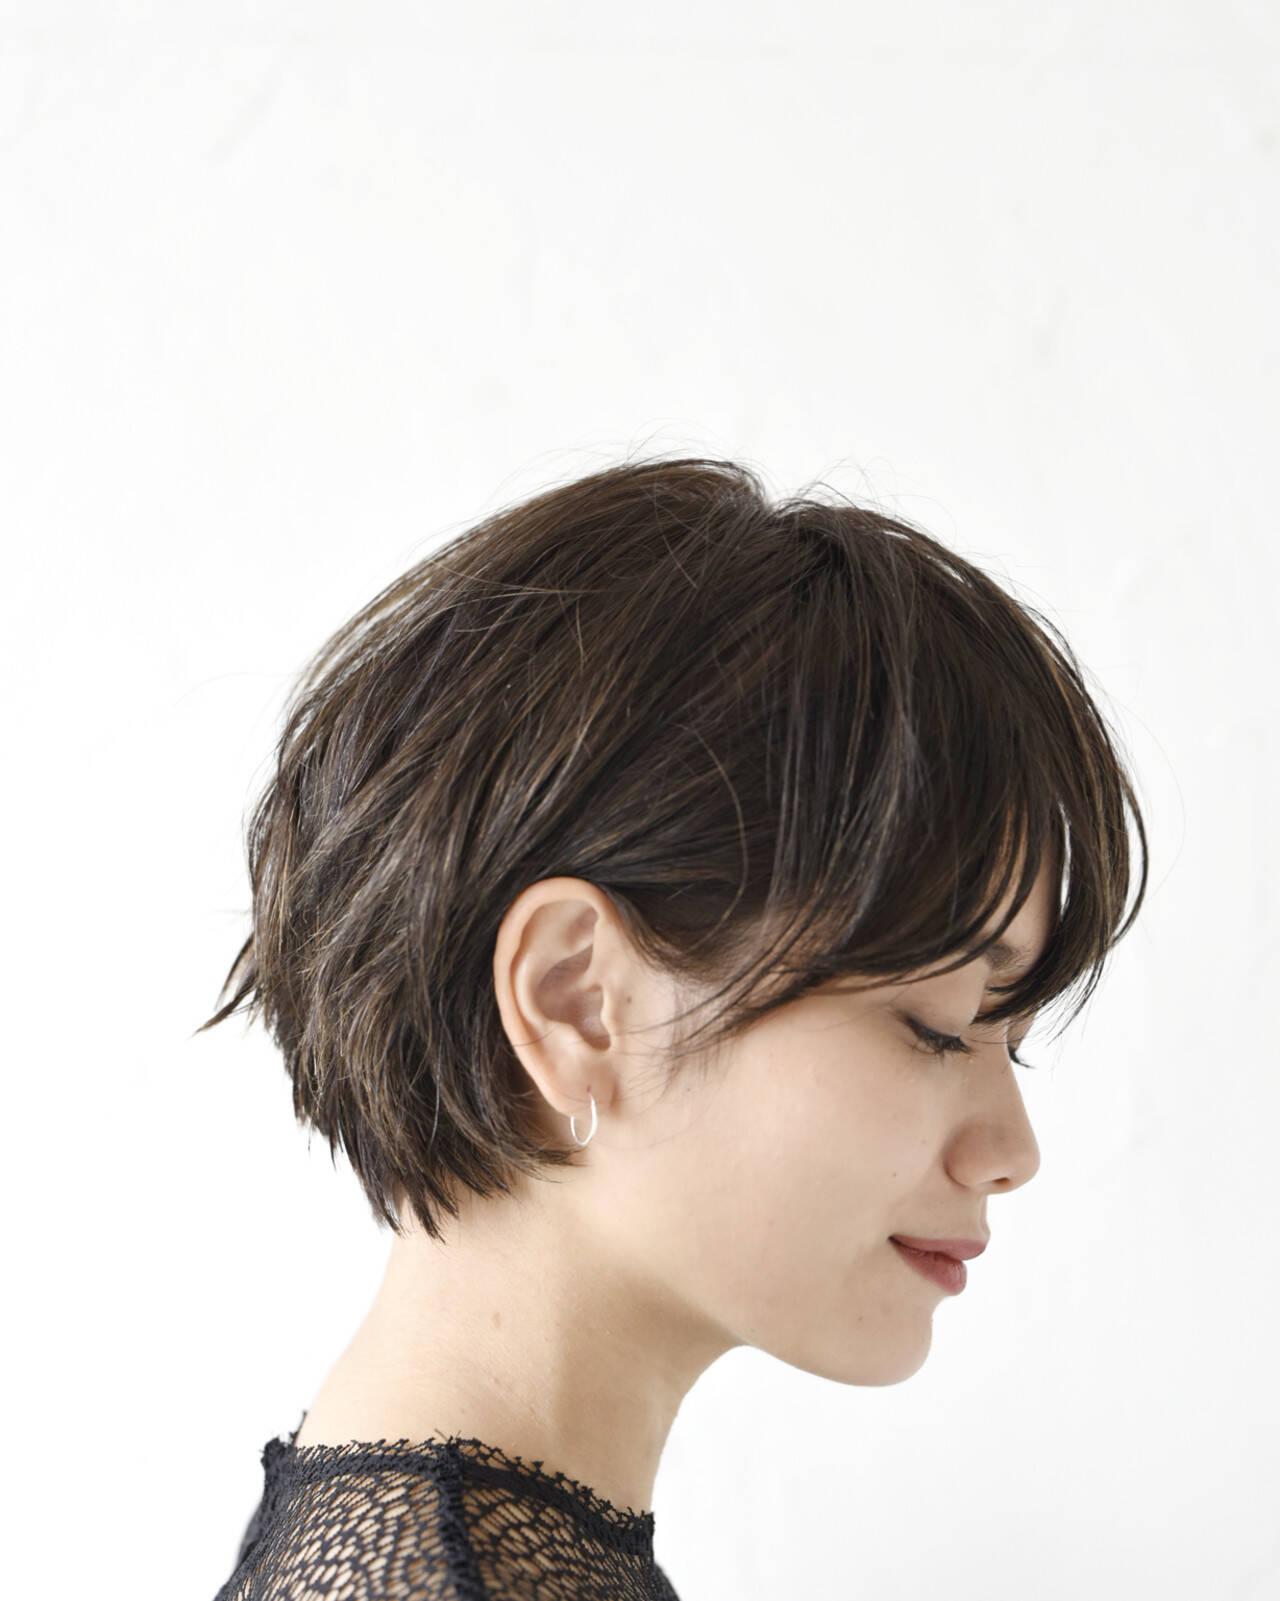 スポーツ 簡単ヘアアレンジ オフィス アンニュイほつれヘアヘアスタイルや髪型の写真・画像